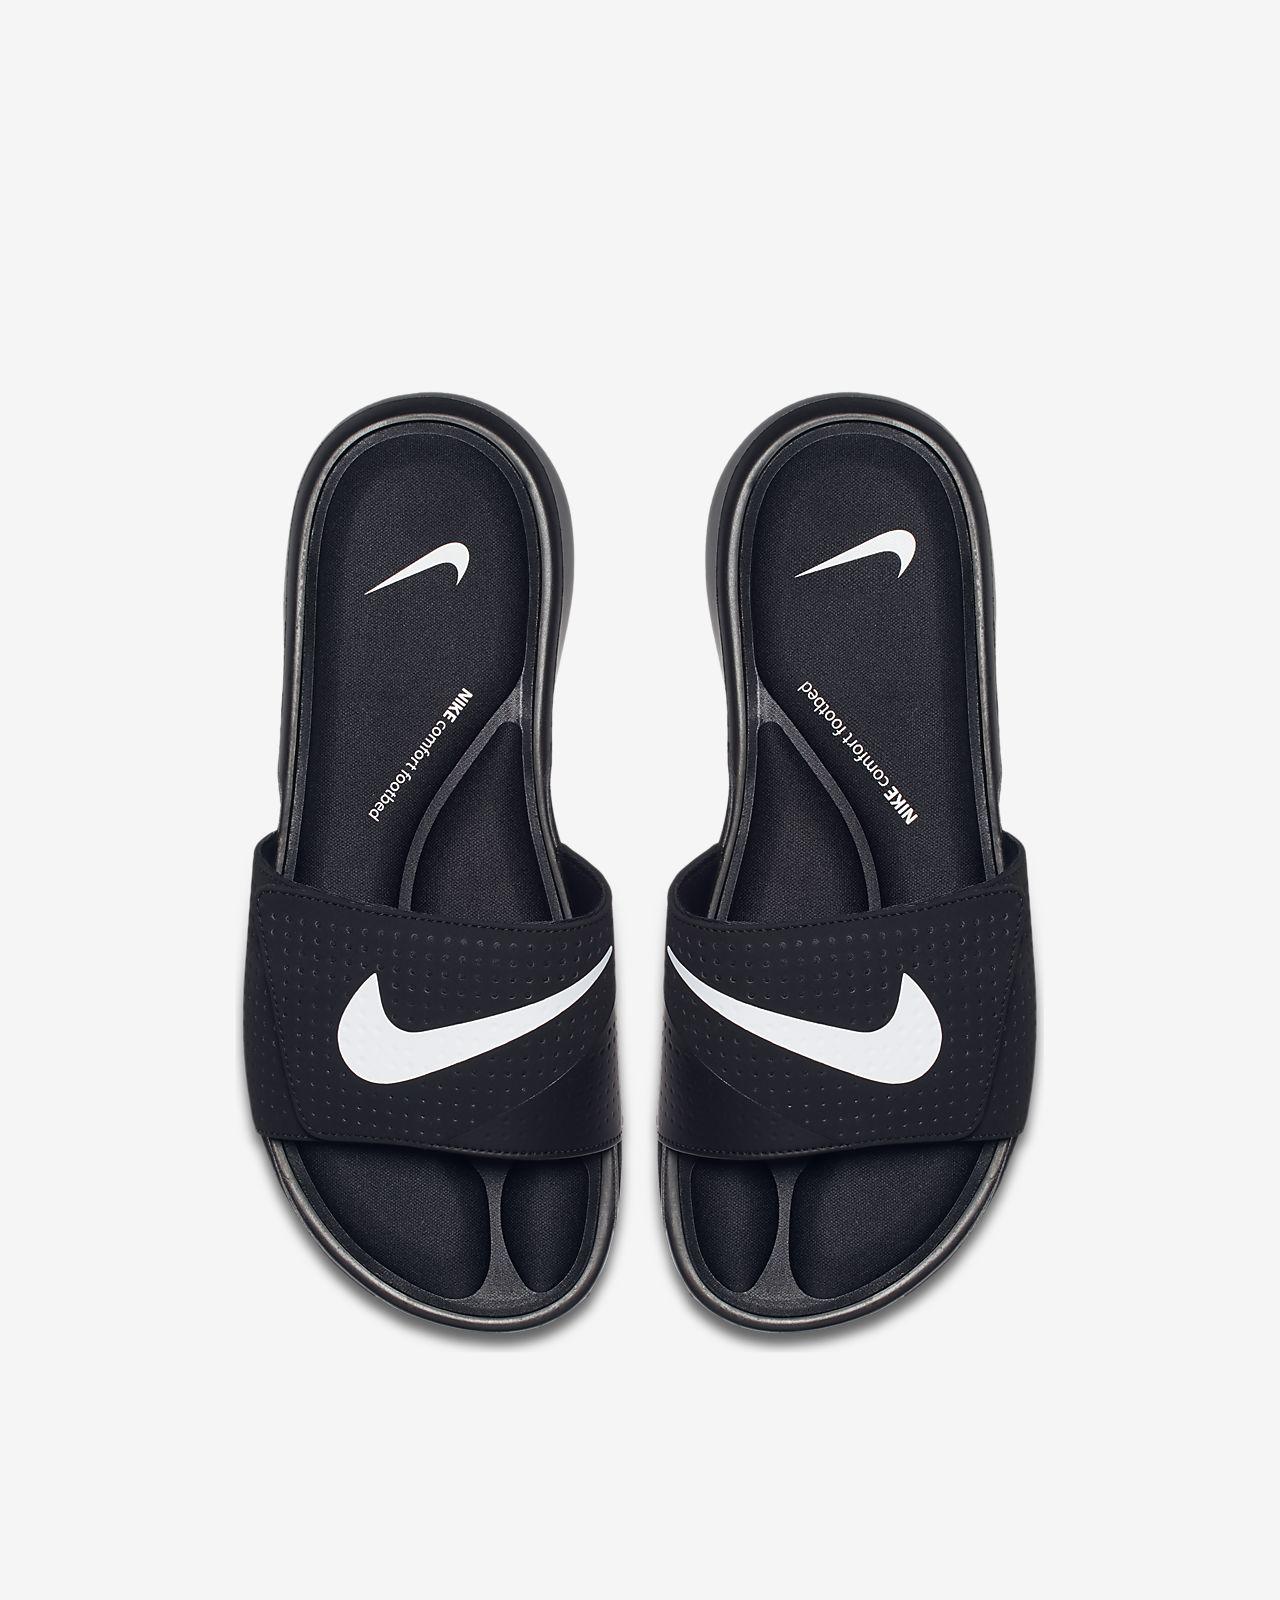 separation shoes 89250 b4991 ... Nike Ultra Comfort Men s Slide